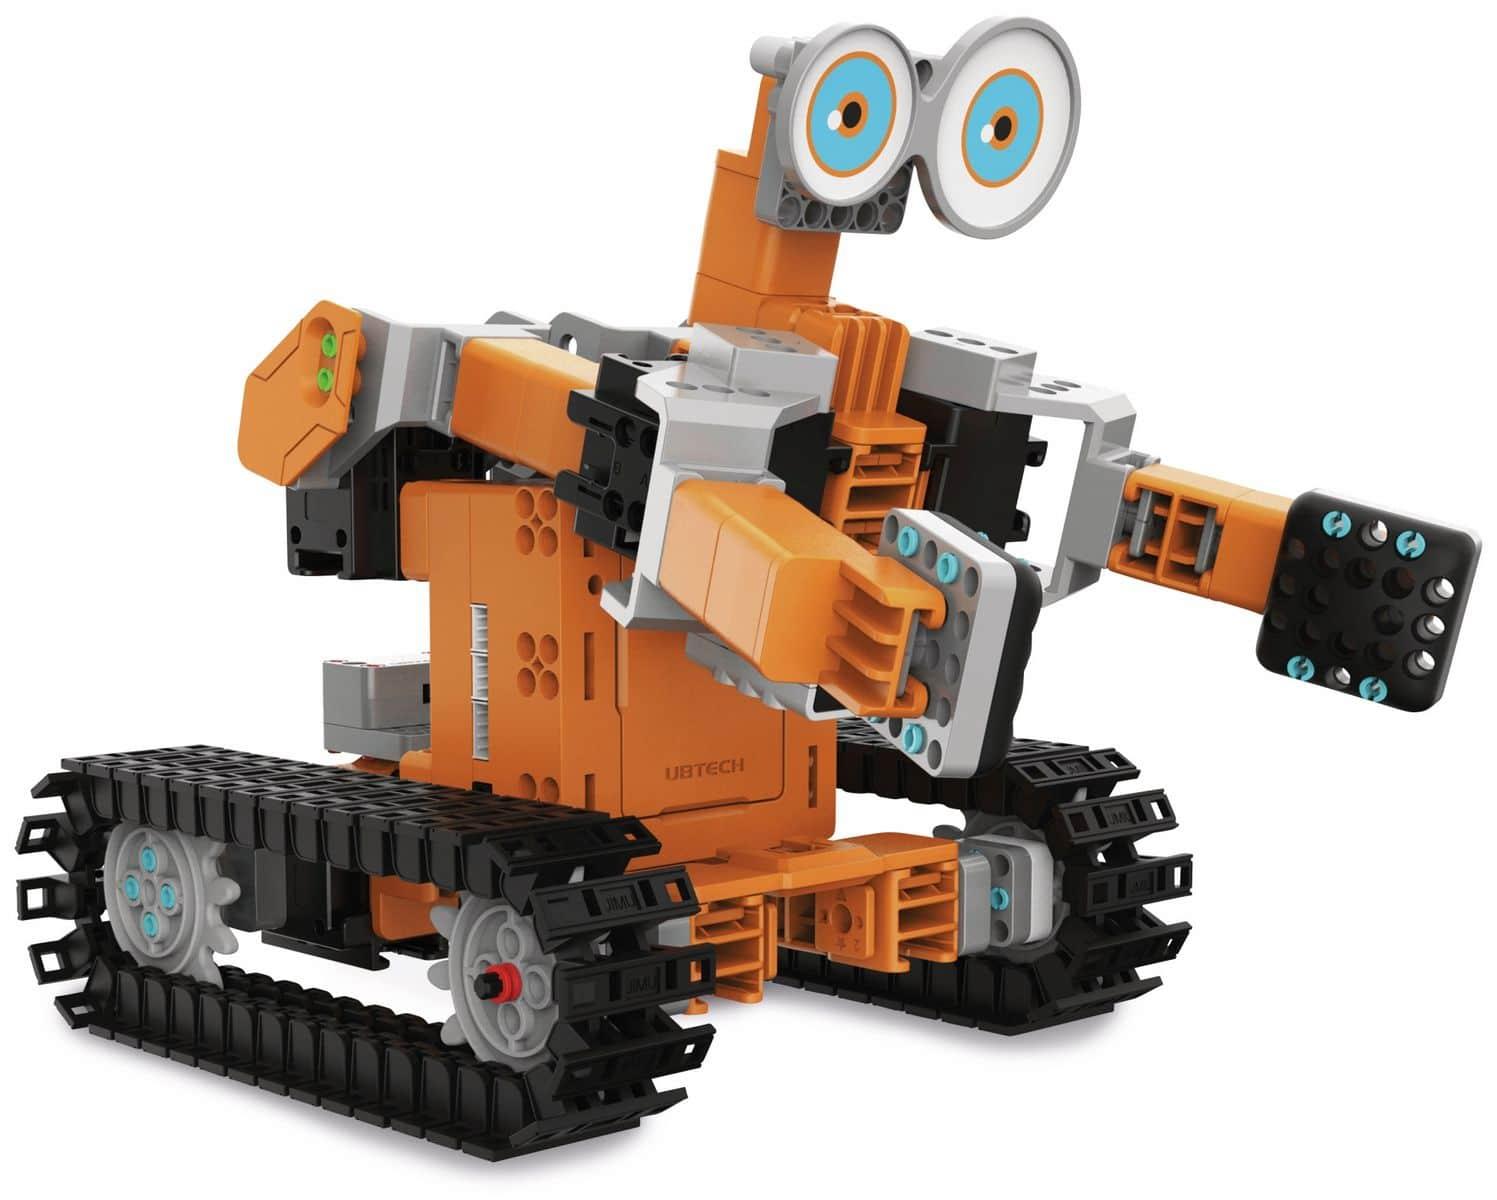 Roboter-Baukastensystem UBTECH